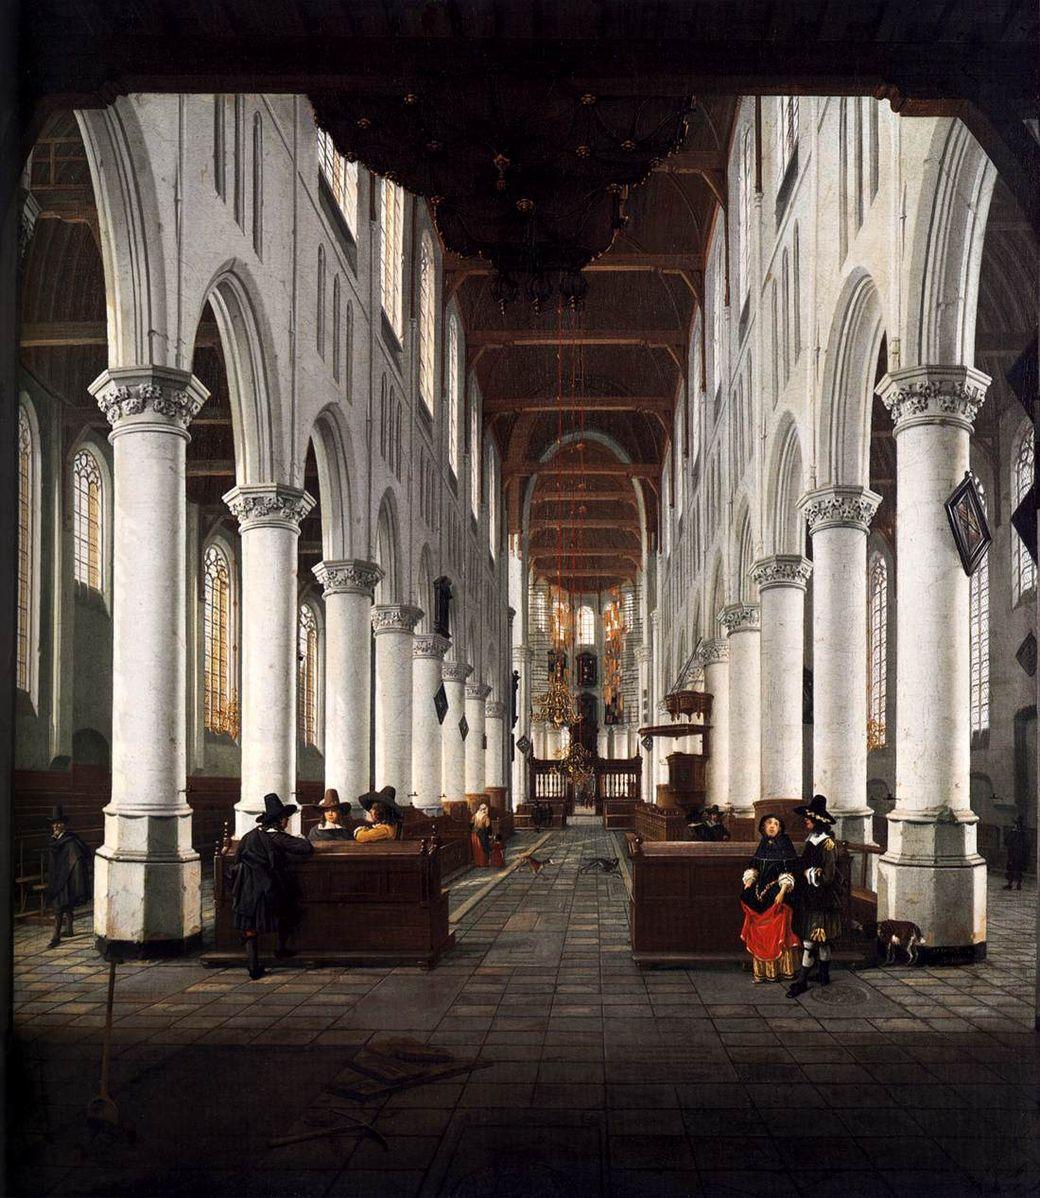 Pleidooi voor stucen nieuwe kerk delft voor betere akoestiek de erfgoedstem - Van plan interieur ...